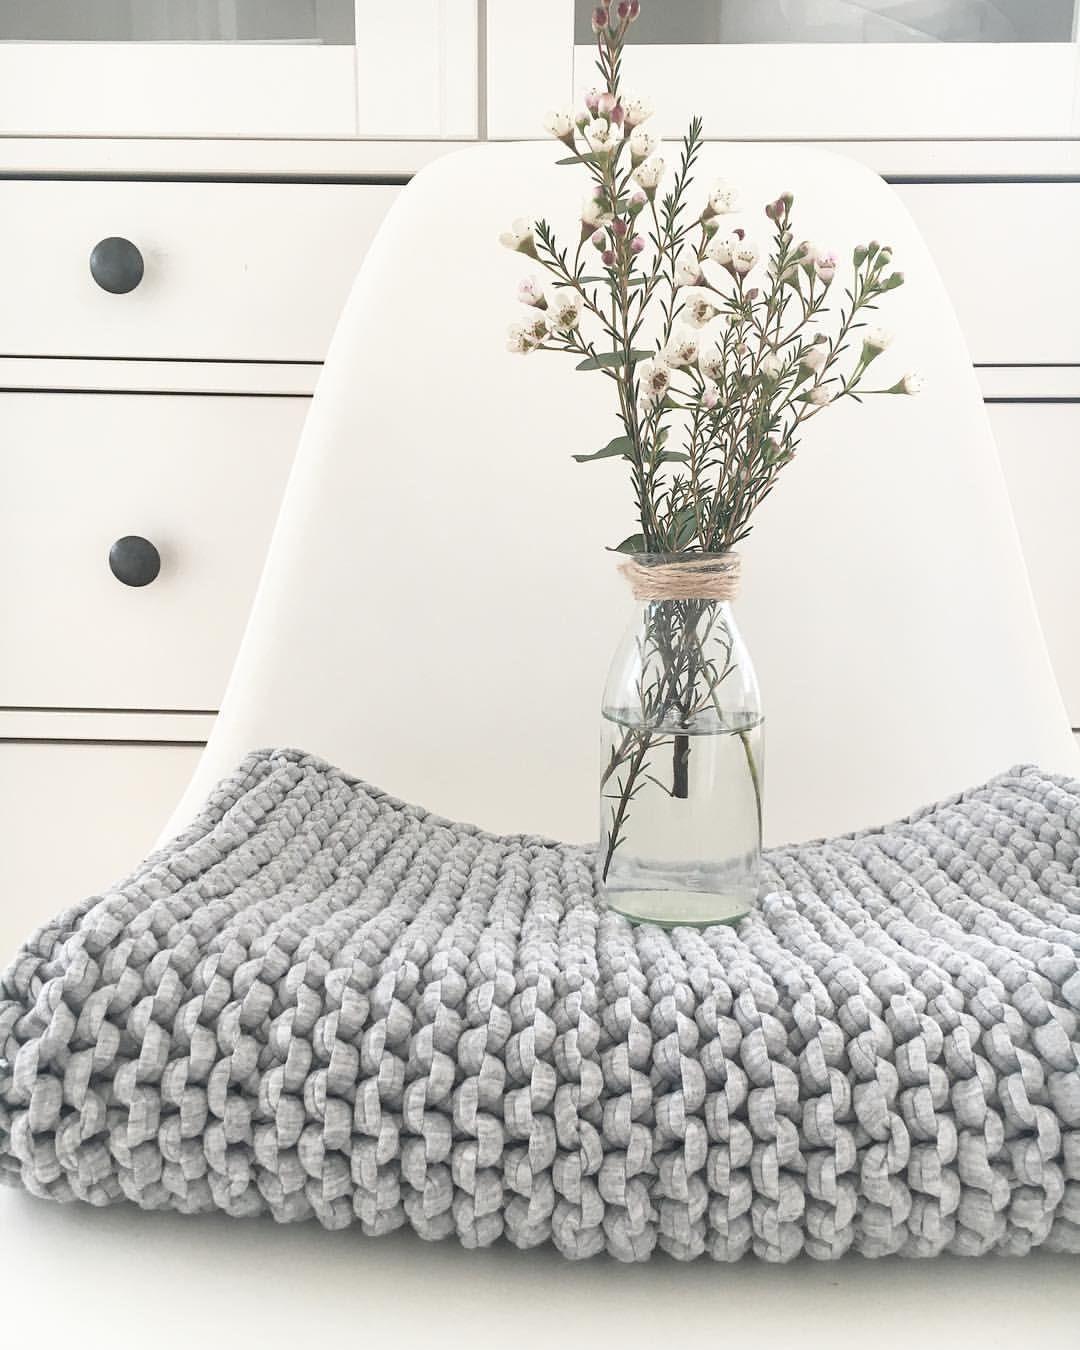 Weiße Möbel: Weiße Möbel, Ein Teppich Aus Hellgrauem Recyclingmaterial